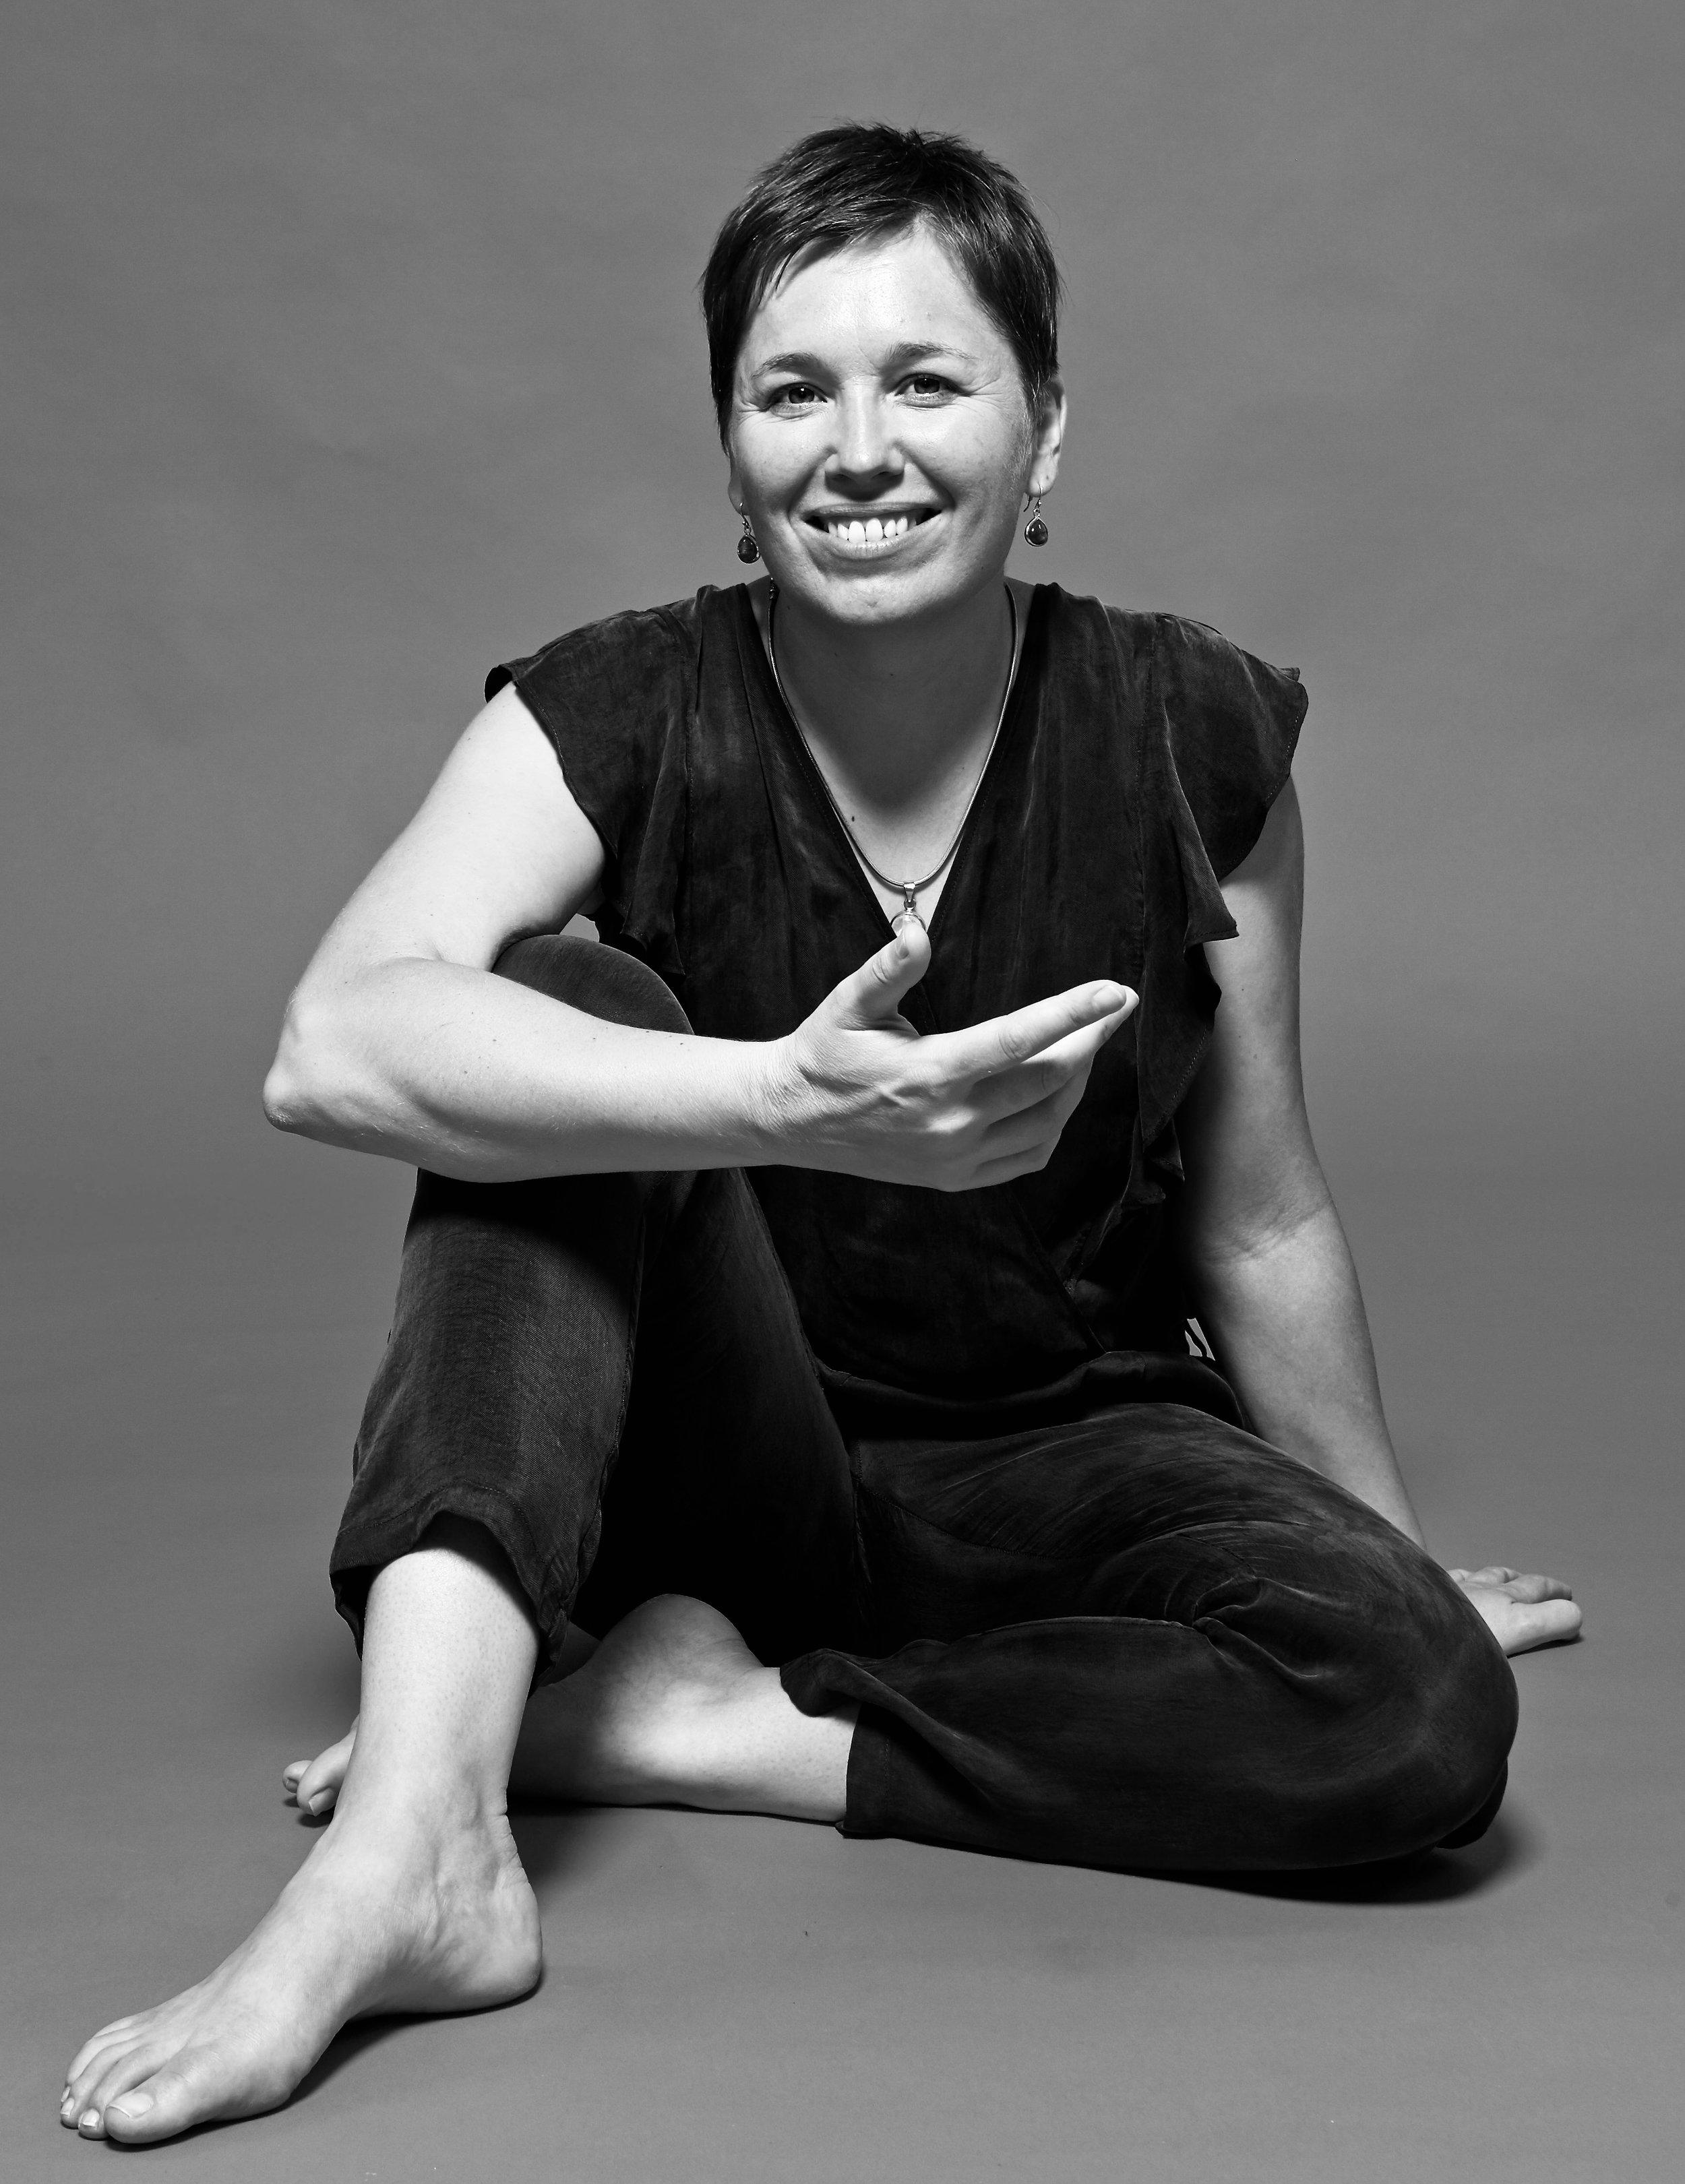 Lucie Martineau - Lucie est une chercheuse dans l'âme, son caractère volontaire et enthousiaste rendent son accompagnement dynamique et sincère. Profondément engagée dans un désir de cohérence et d'efficacité, elle poursuit son travail personnel intérieur et se forme régulièrement. Son expérience, son cadre et sa puissance permettent de se sentir rassuré et soutenu dans l'exploration intérieure.Envoyer un mail à Lucie ➝